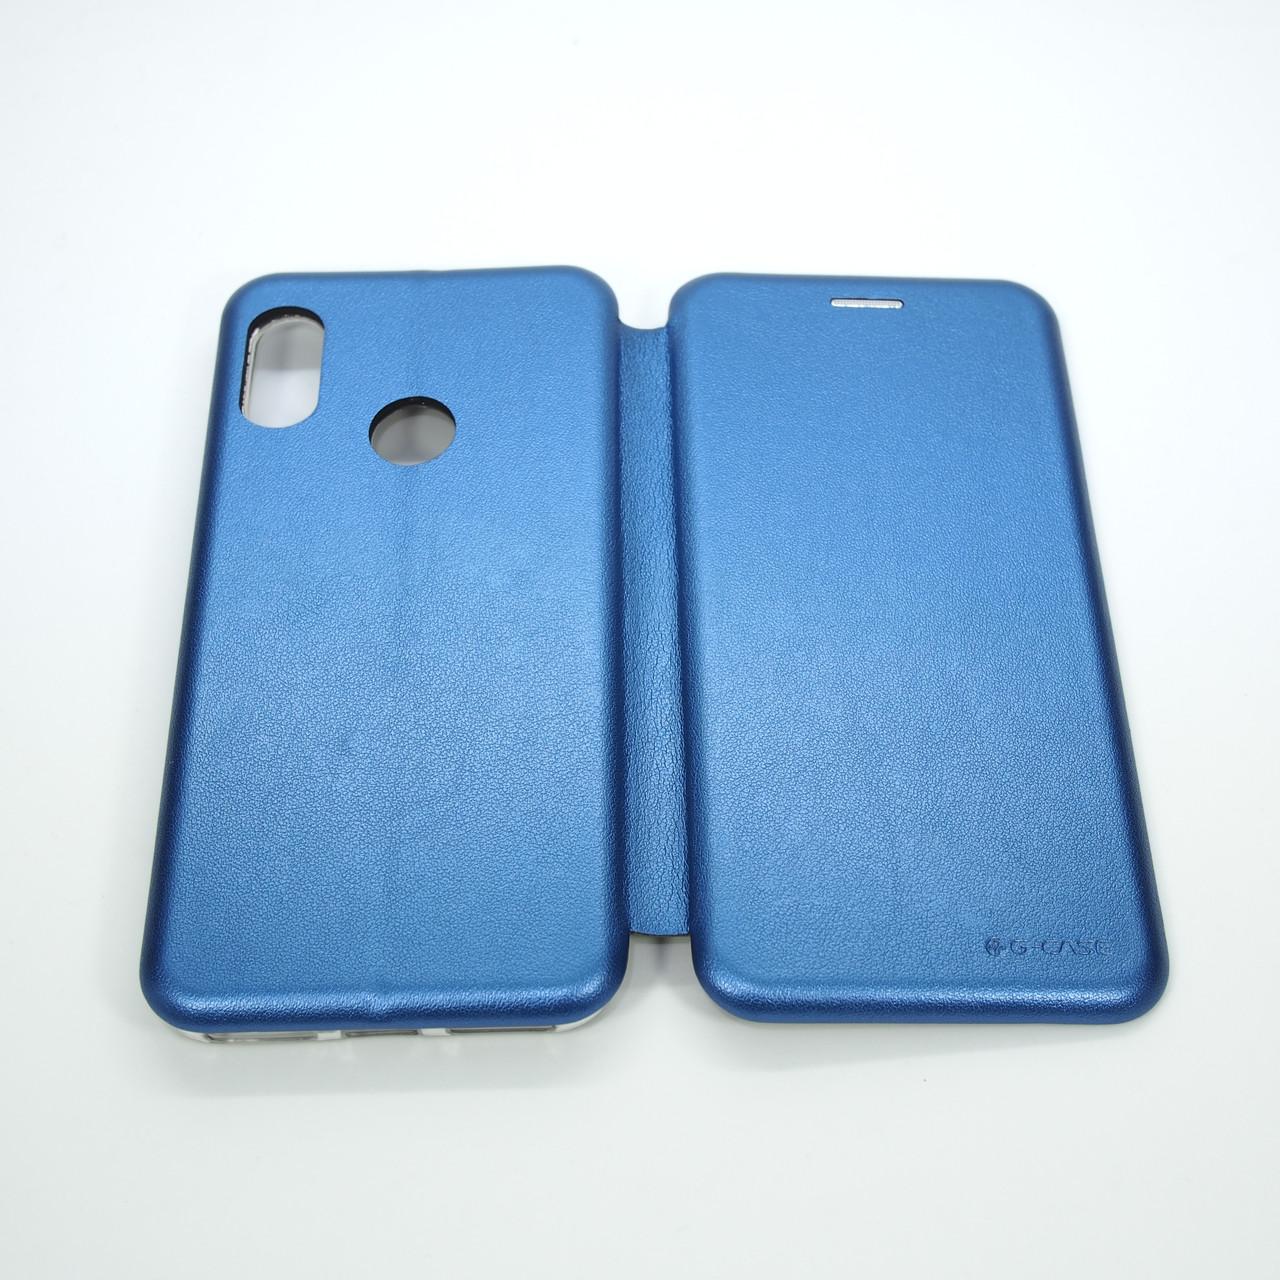 G-Case Xiaomi redmi 6 Pro blue Mi A2 Lite Redmi